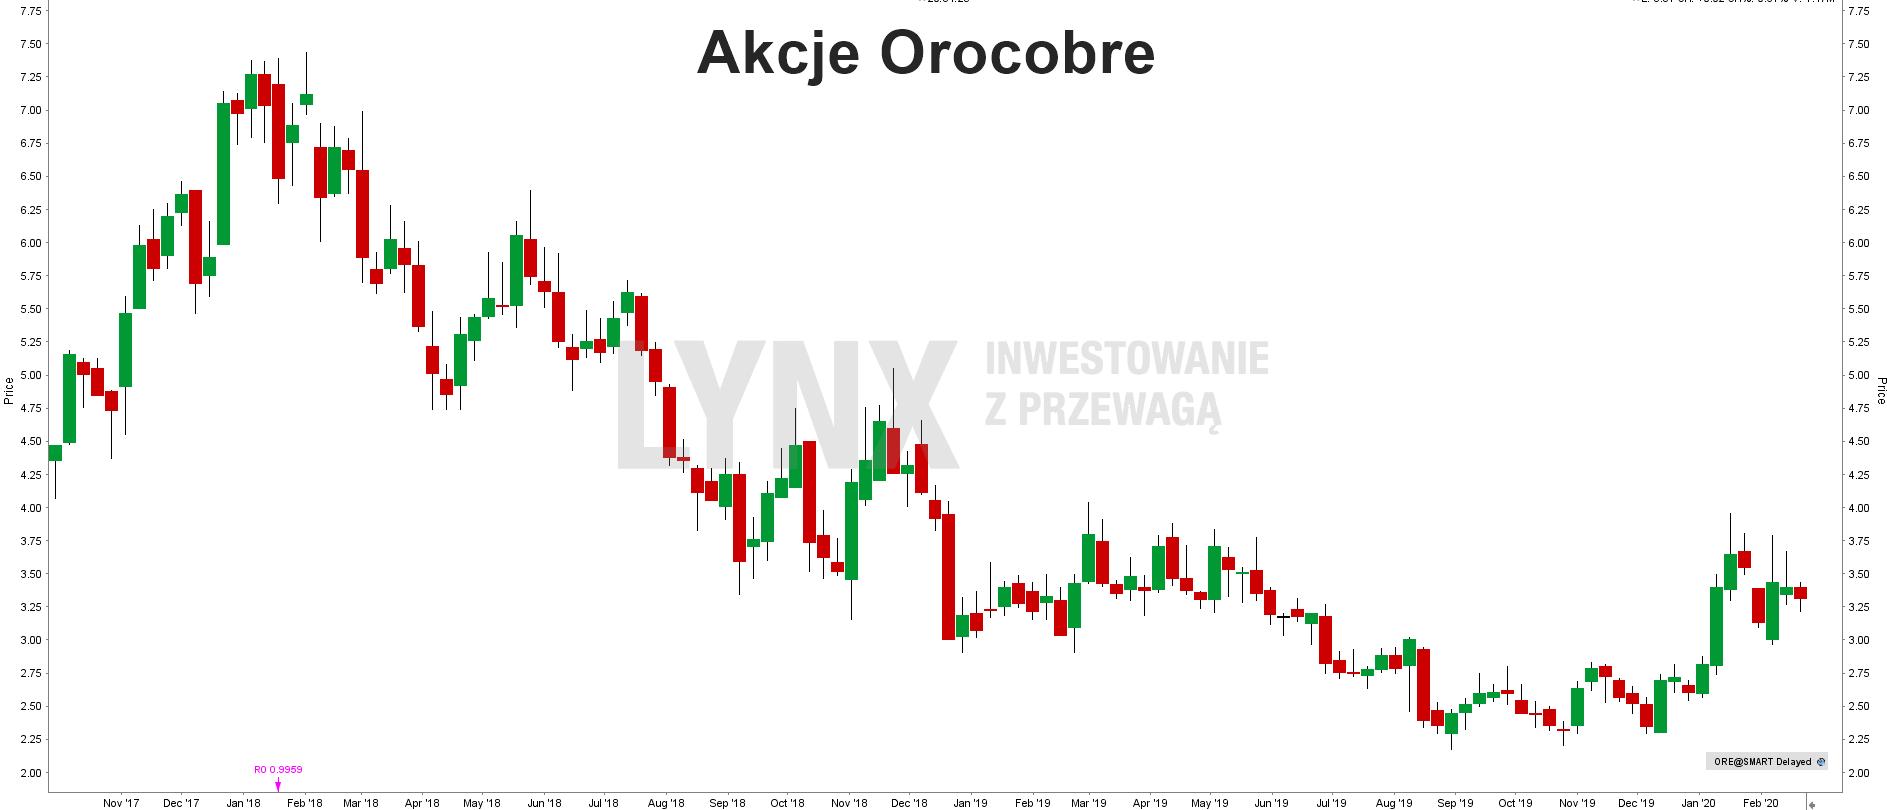 Akcje Orocobre